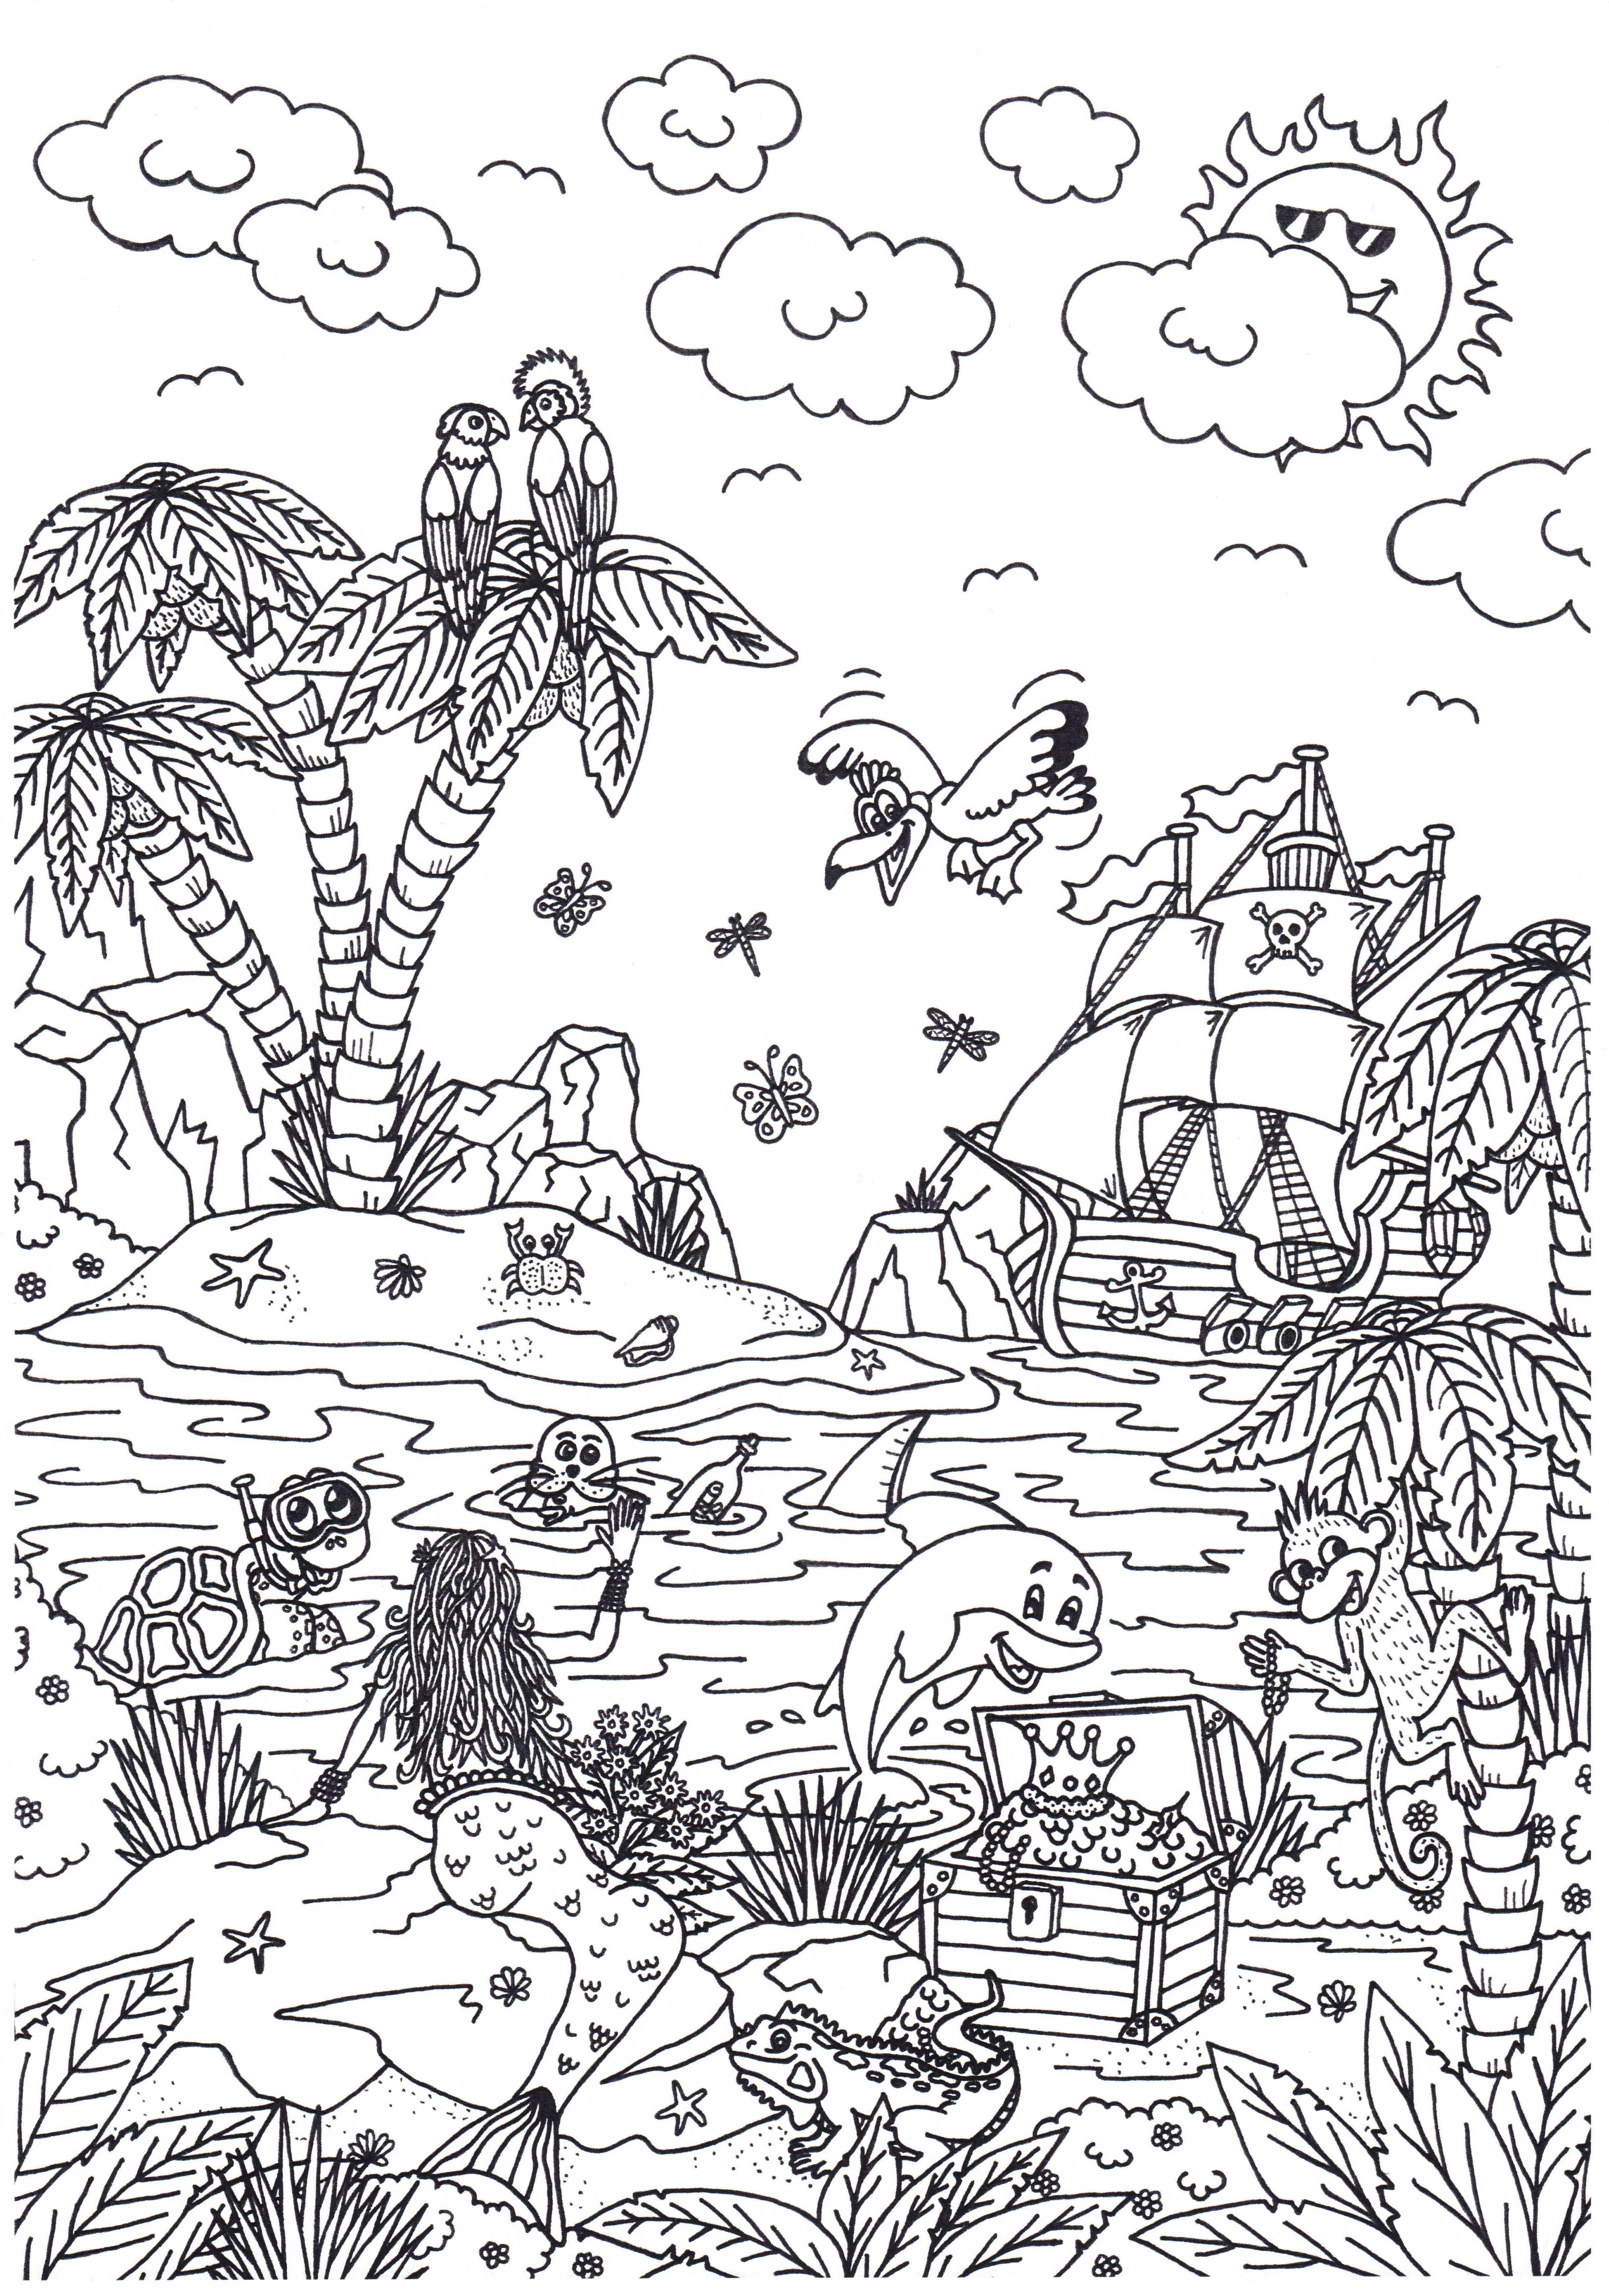 Leuke Kleurplaten In Het Vakantie Thema Van Suzanne Amels Kleurplaat Vakantie Kleurpl